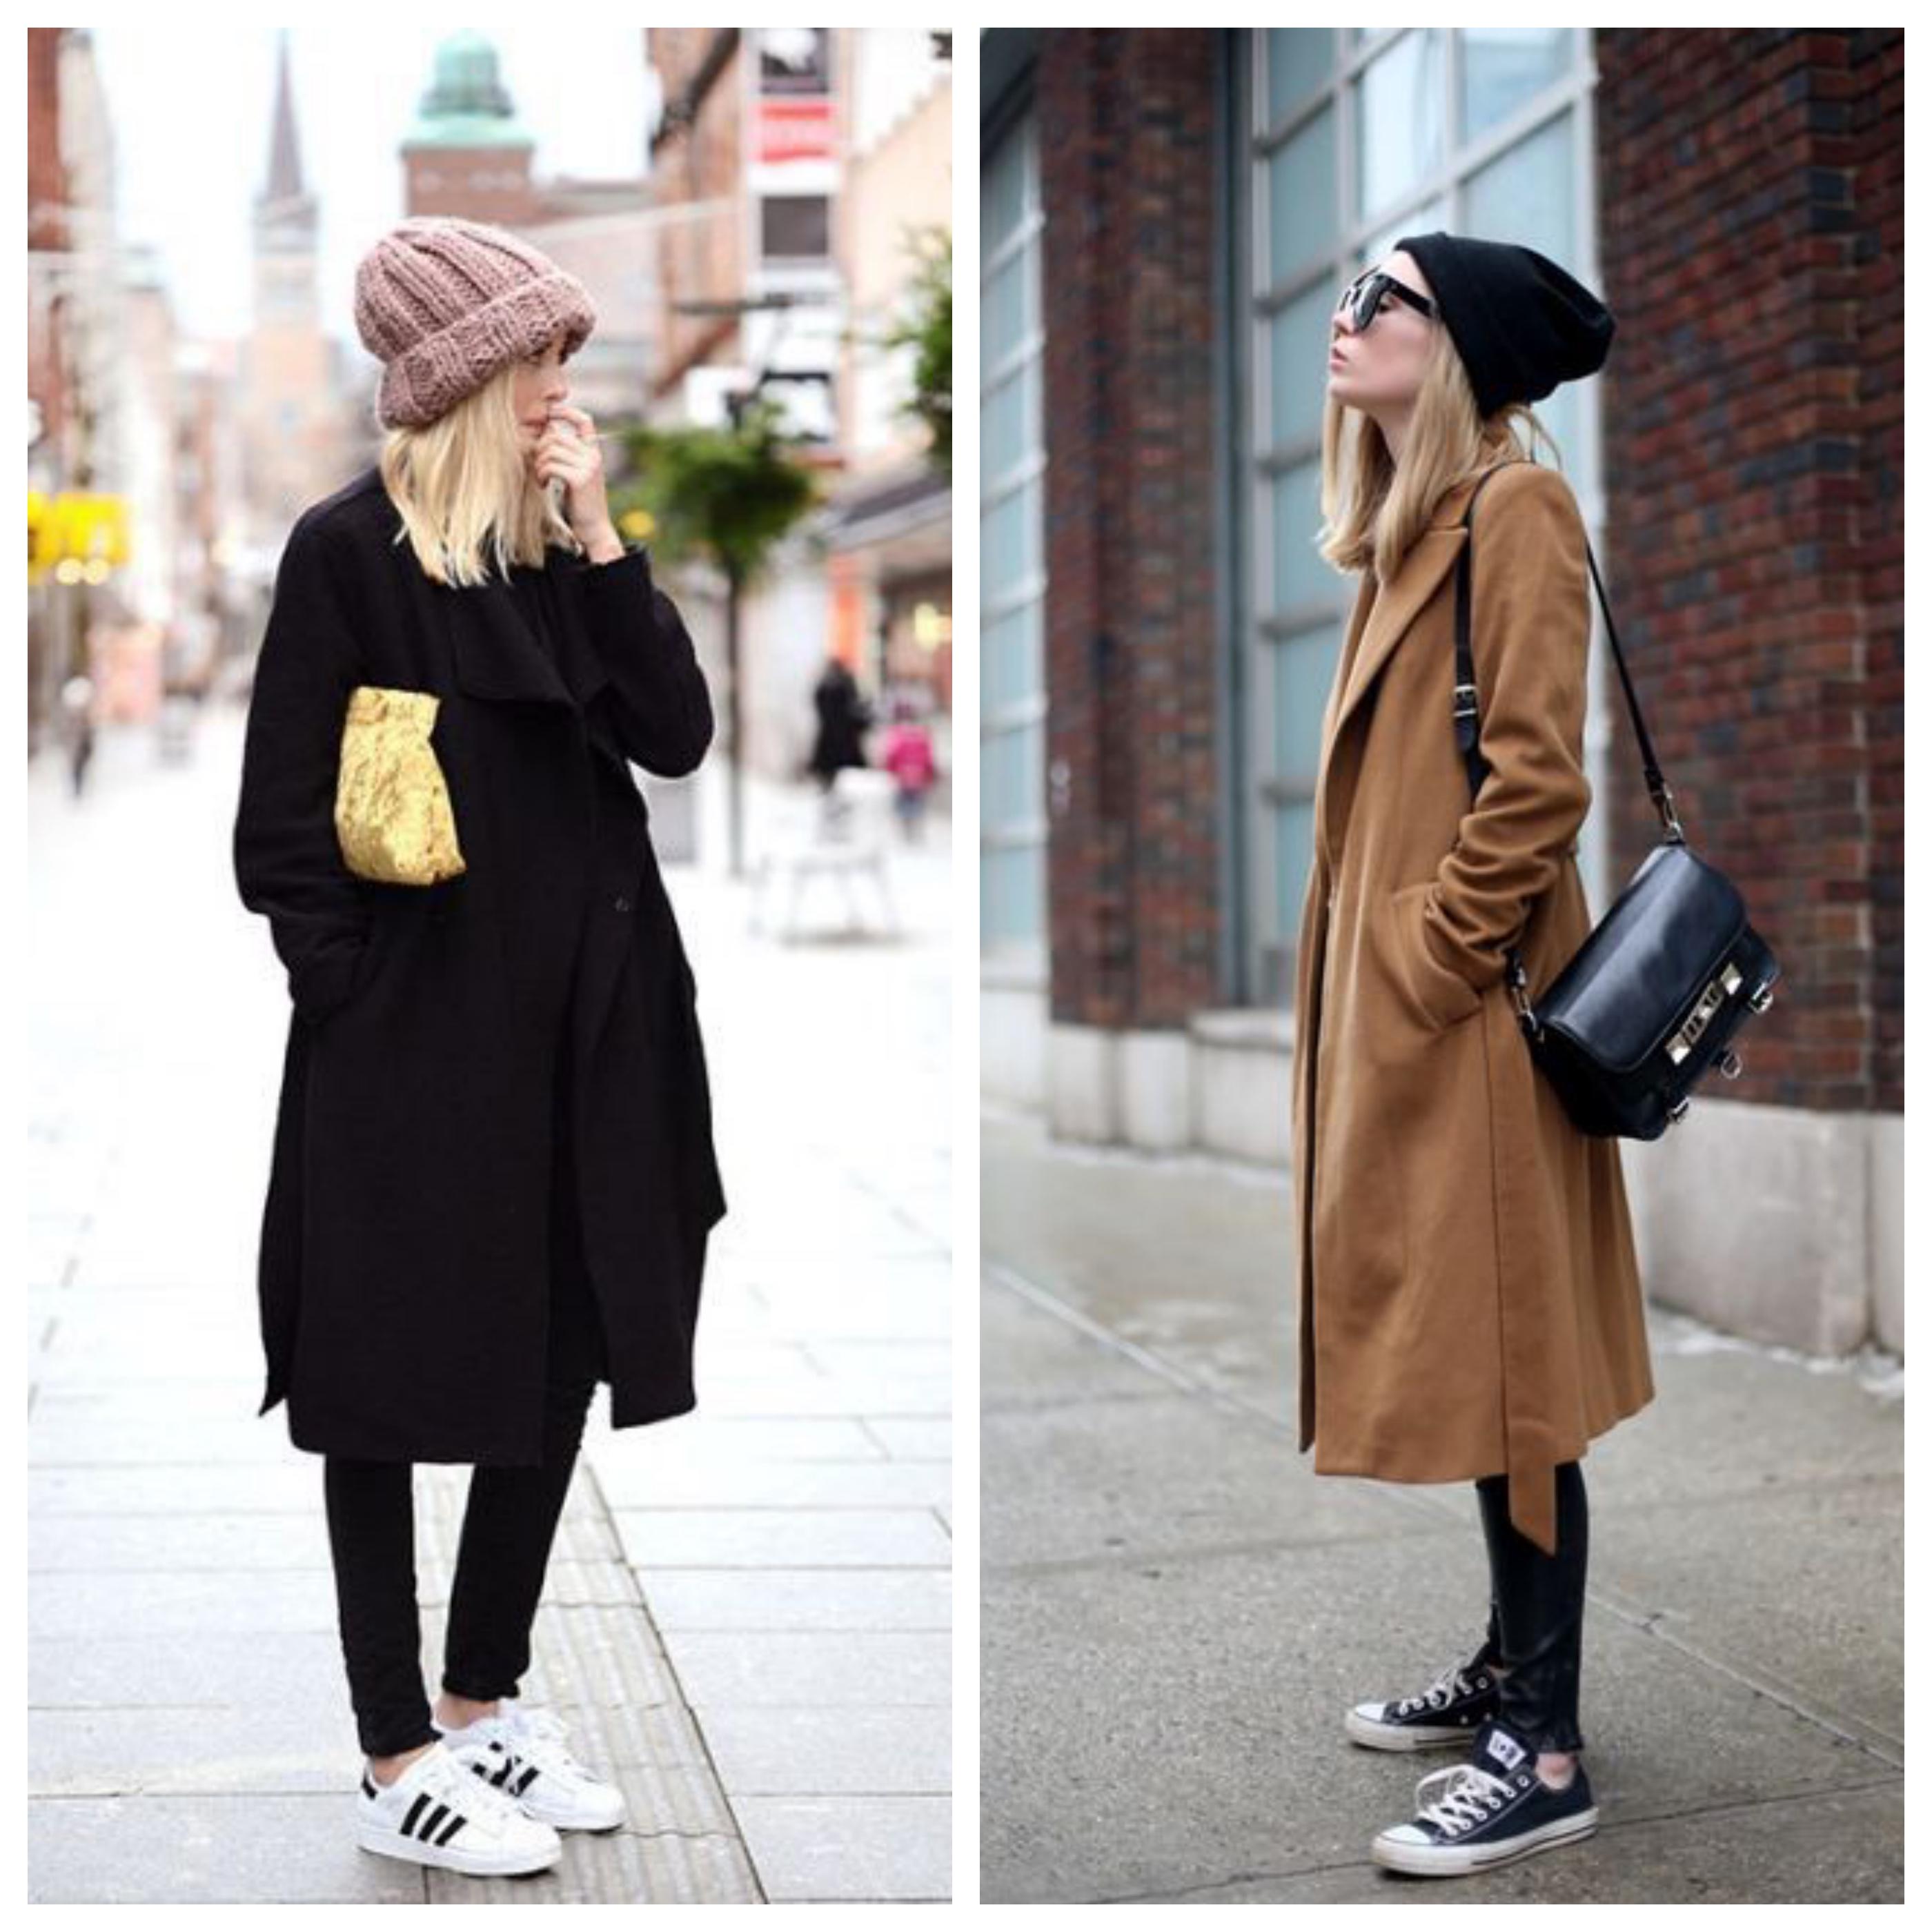 Шапка для пальто с кроссовками